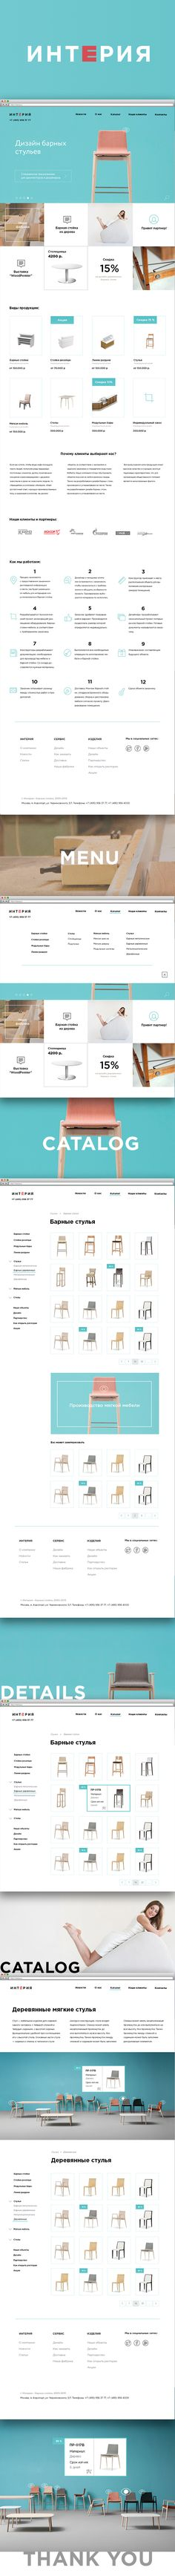 Furniture for HORECA on Web Design Served